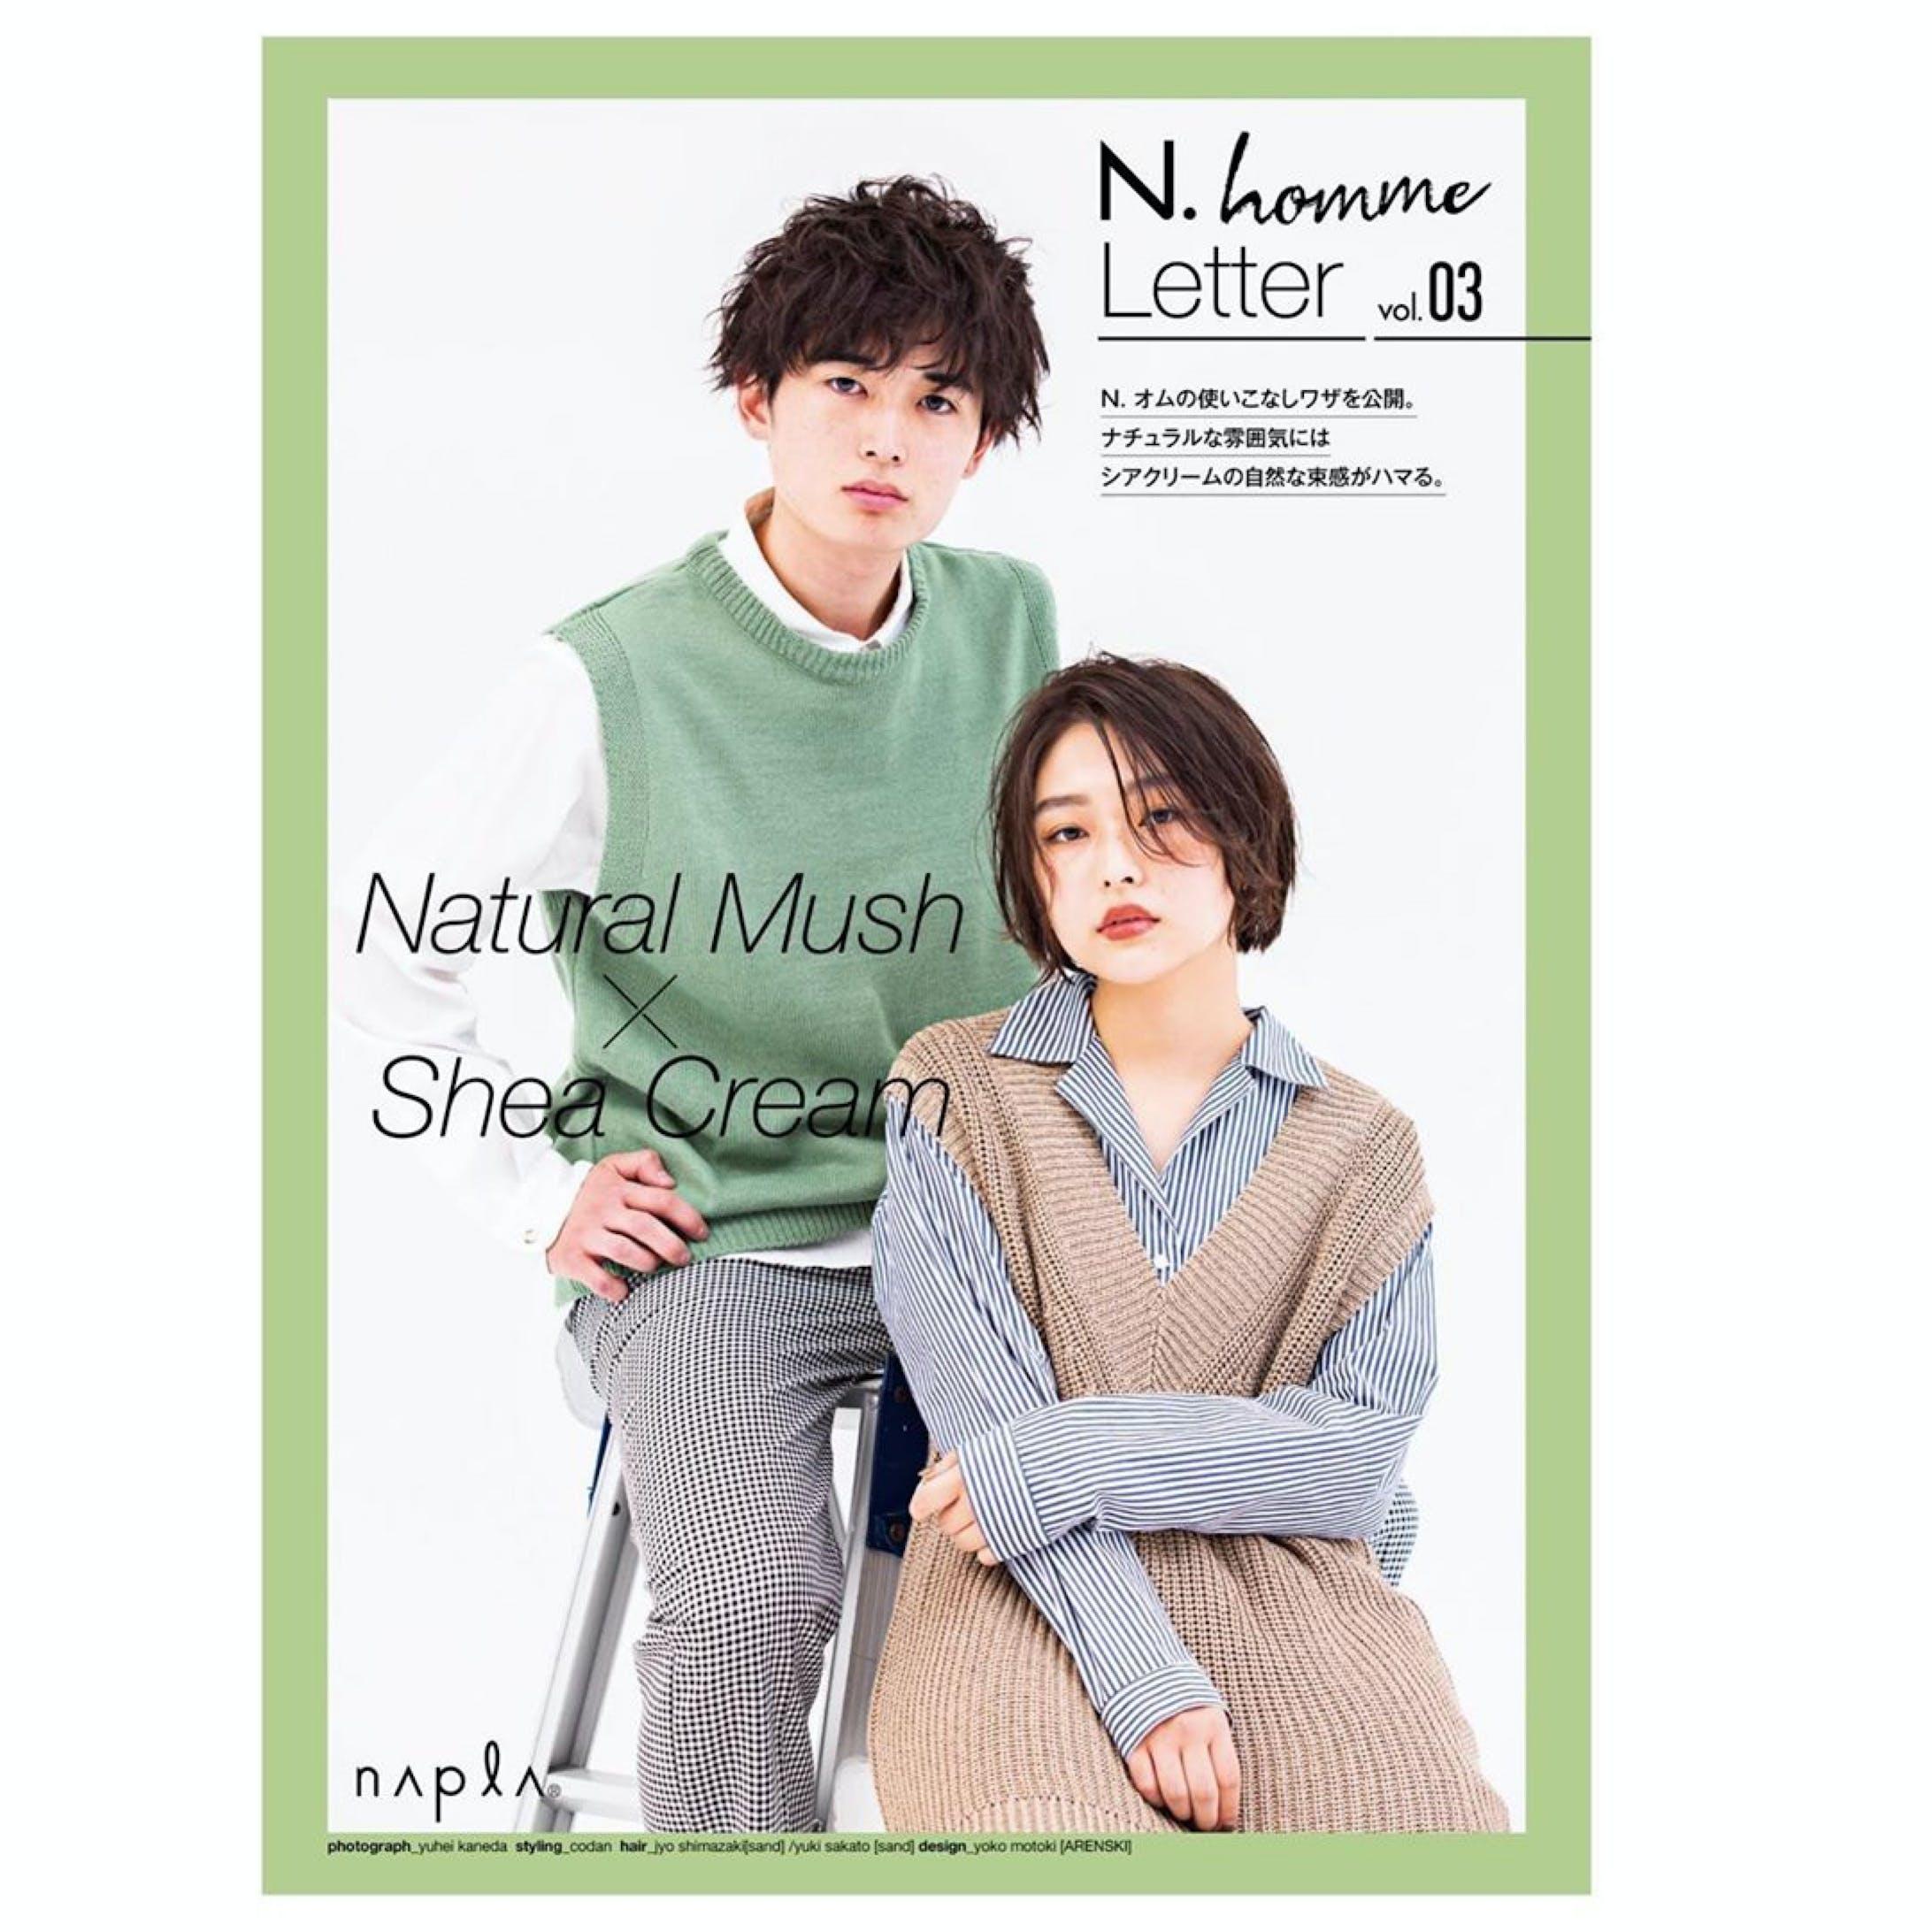 N. HOMME(株式会社napla)-3